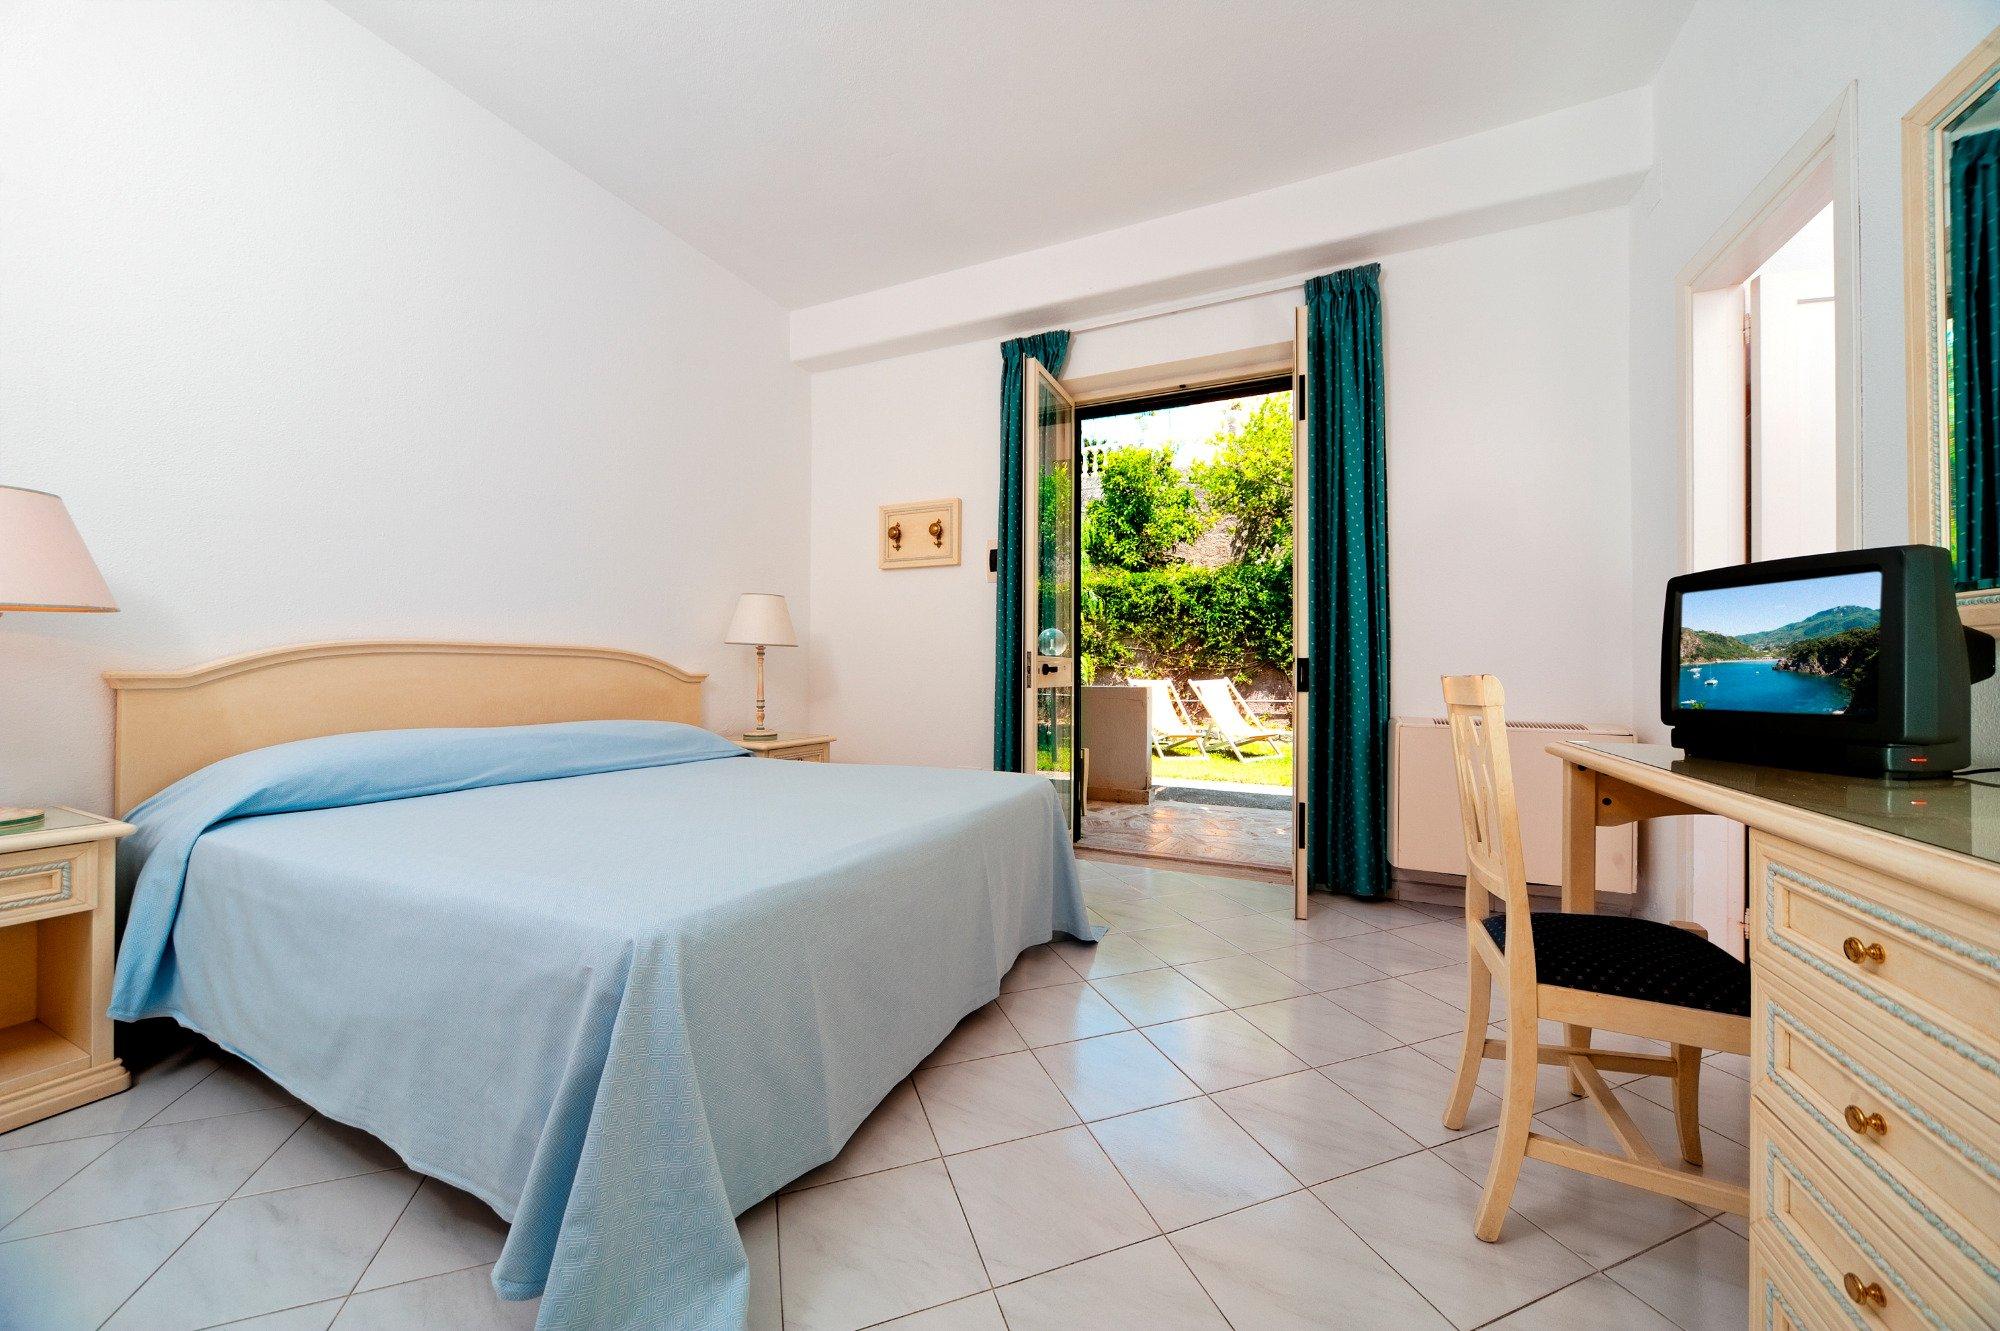 Hotel Parco Delle Agavi Forio camere 3